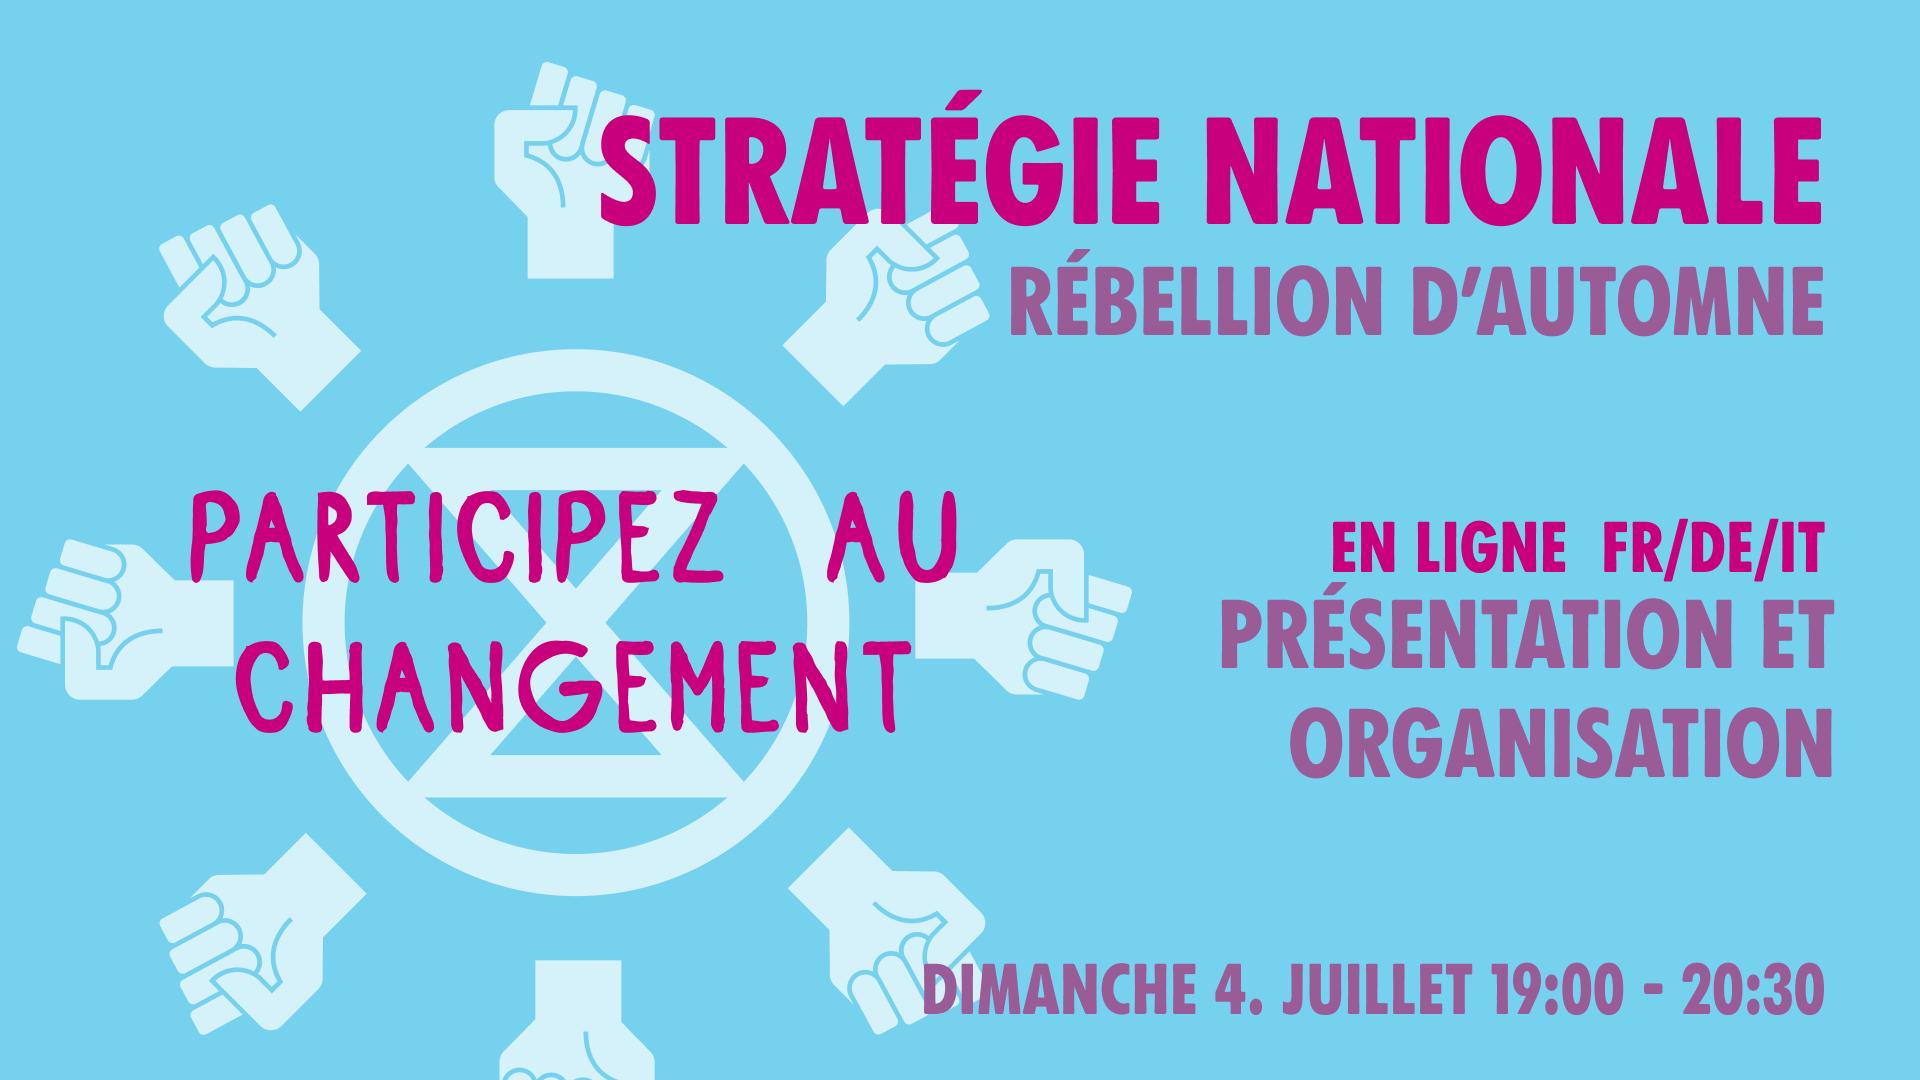 Stratégie nationale – Rébellion d'automne